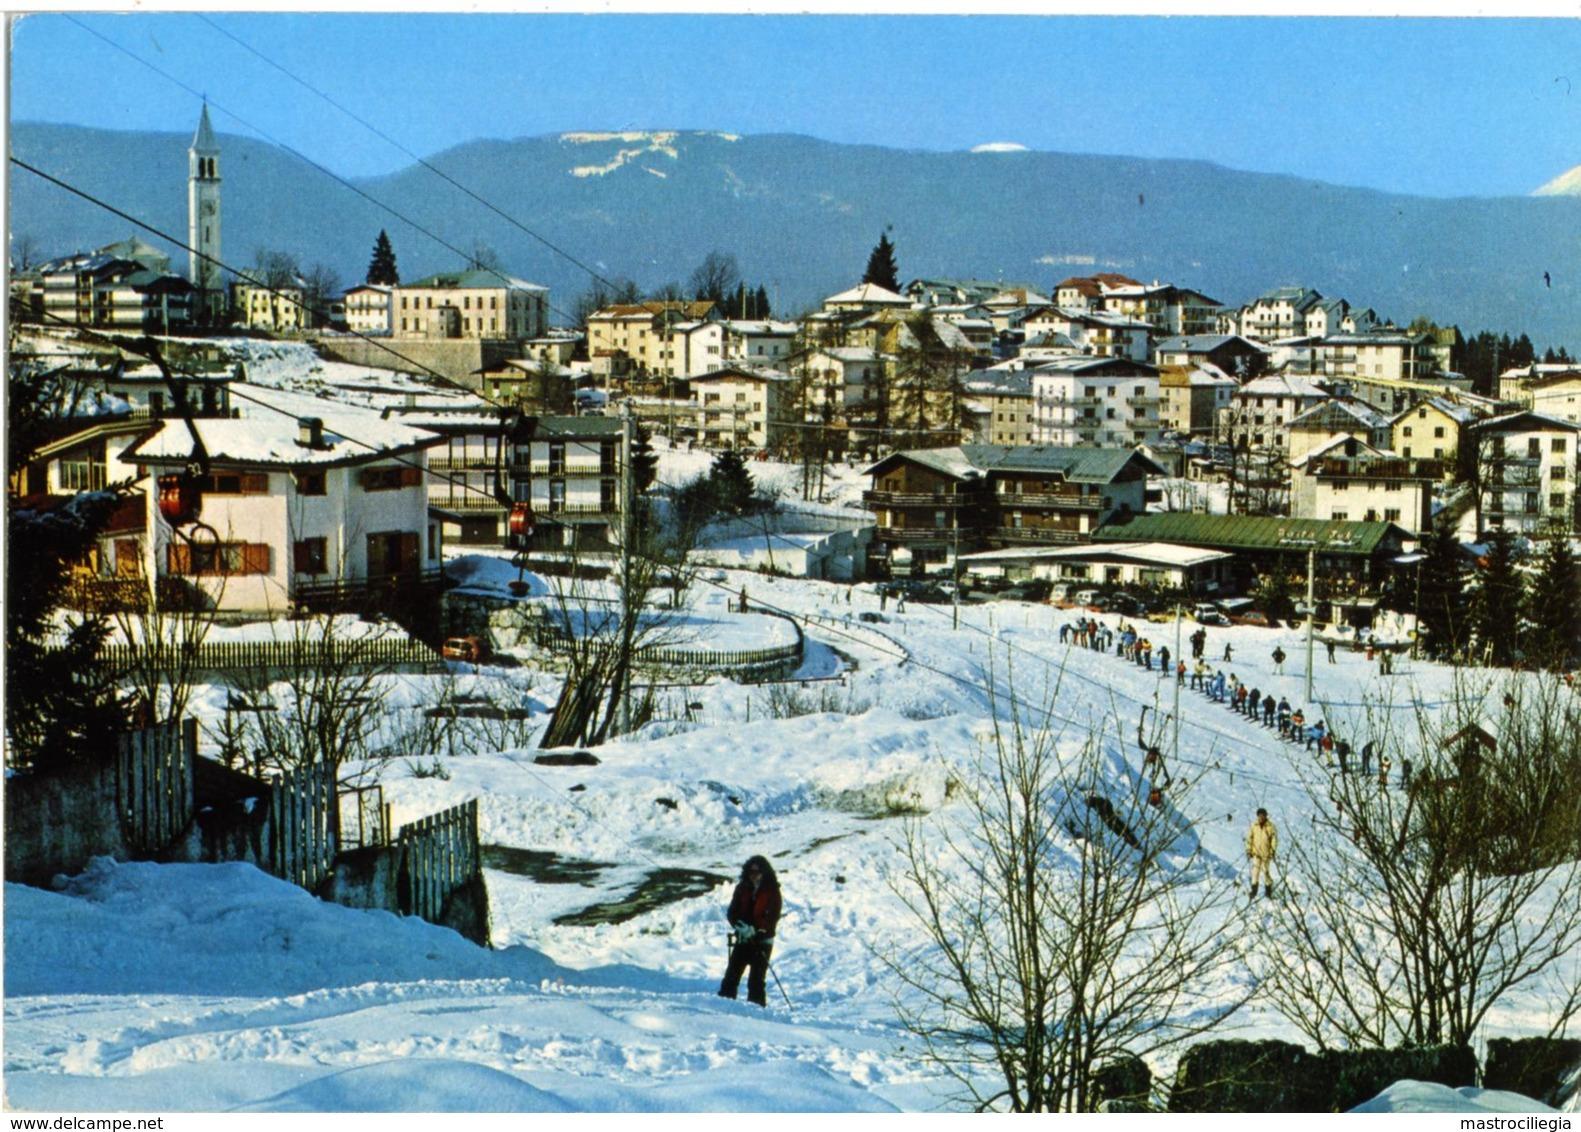 CESUNA  ROANA  VICENZA  Invernale  Skilift  Sci Ski - Vicenza